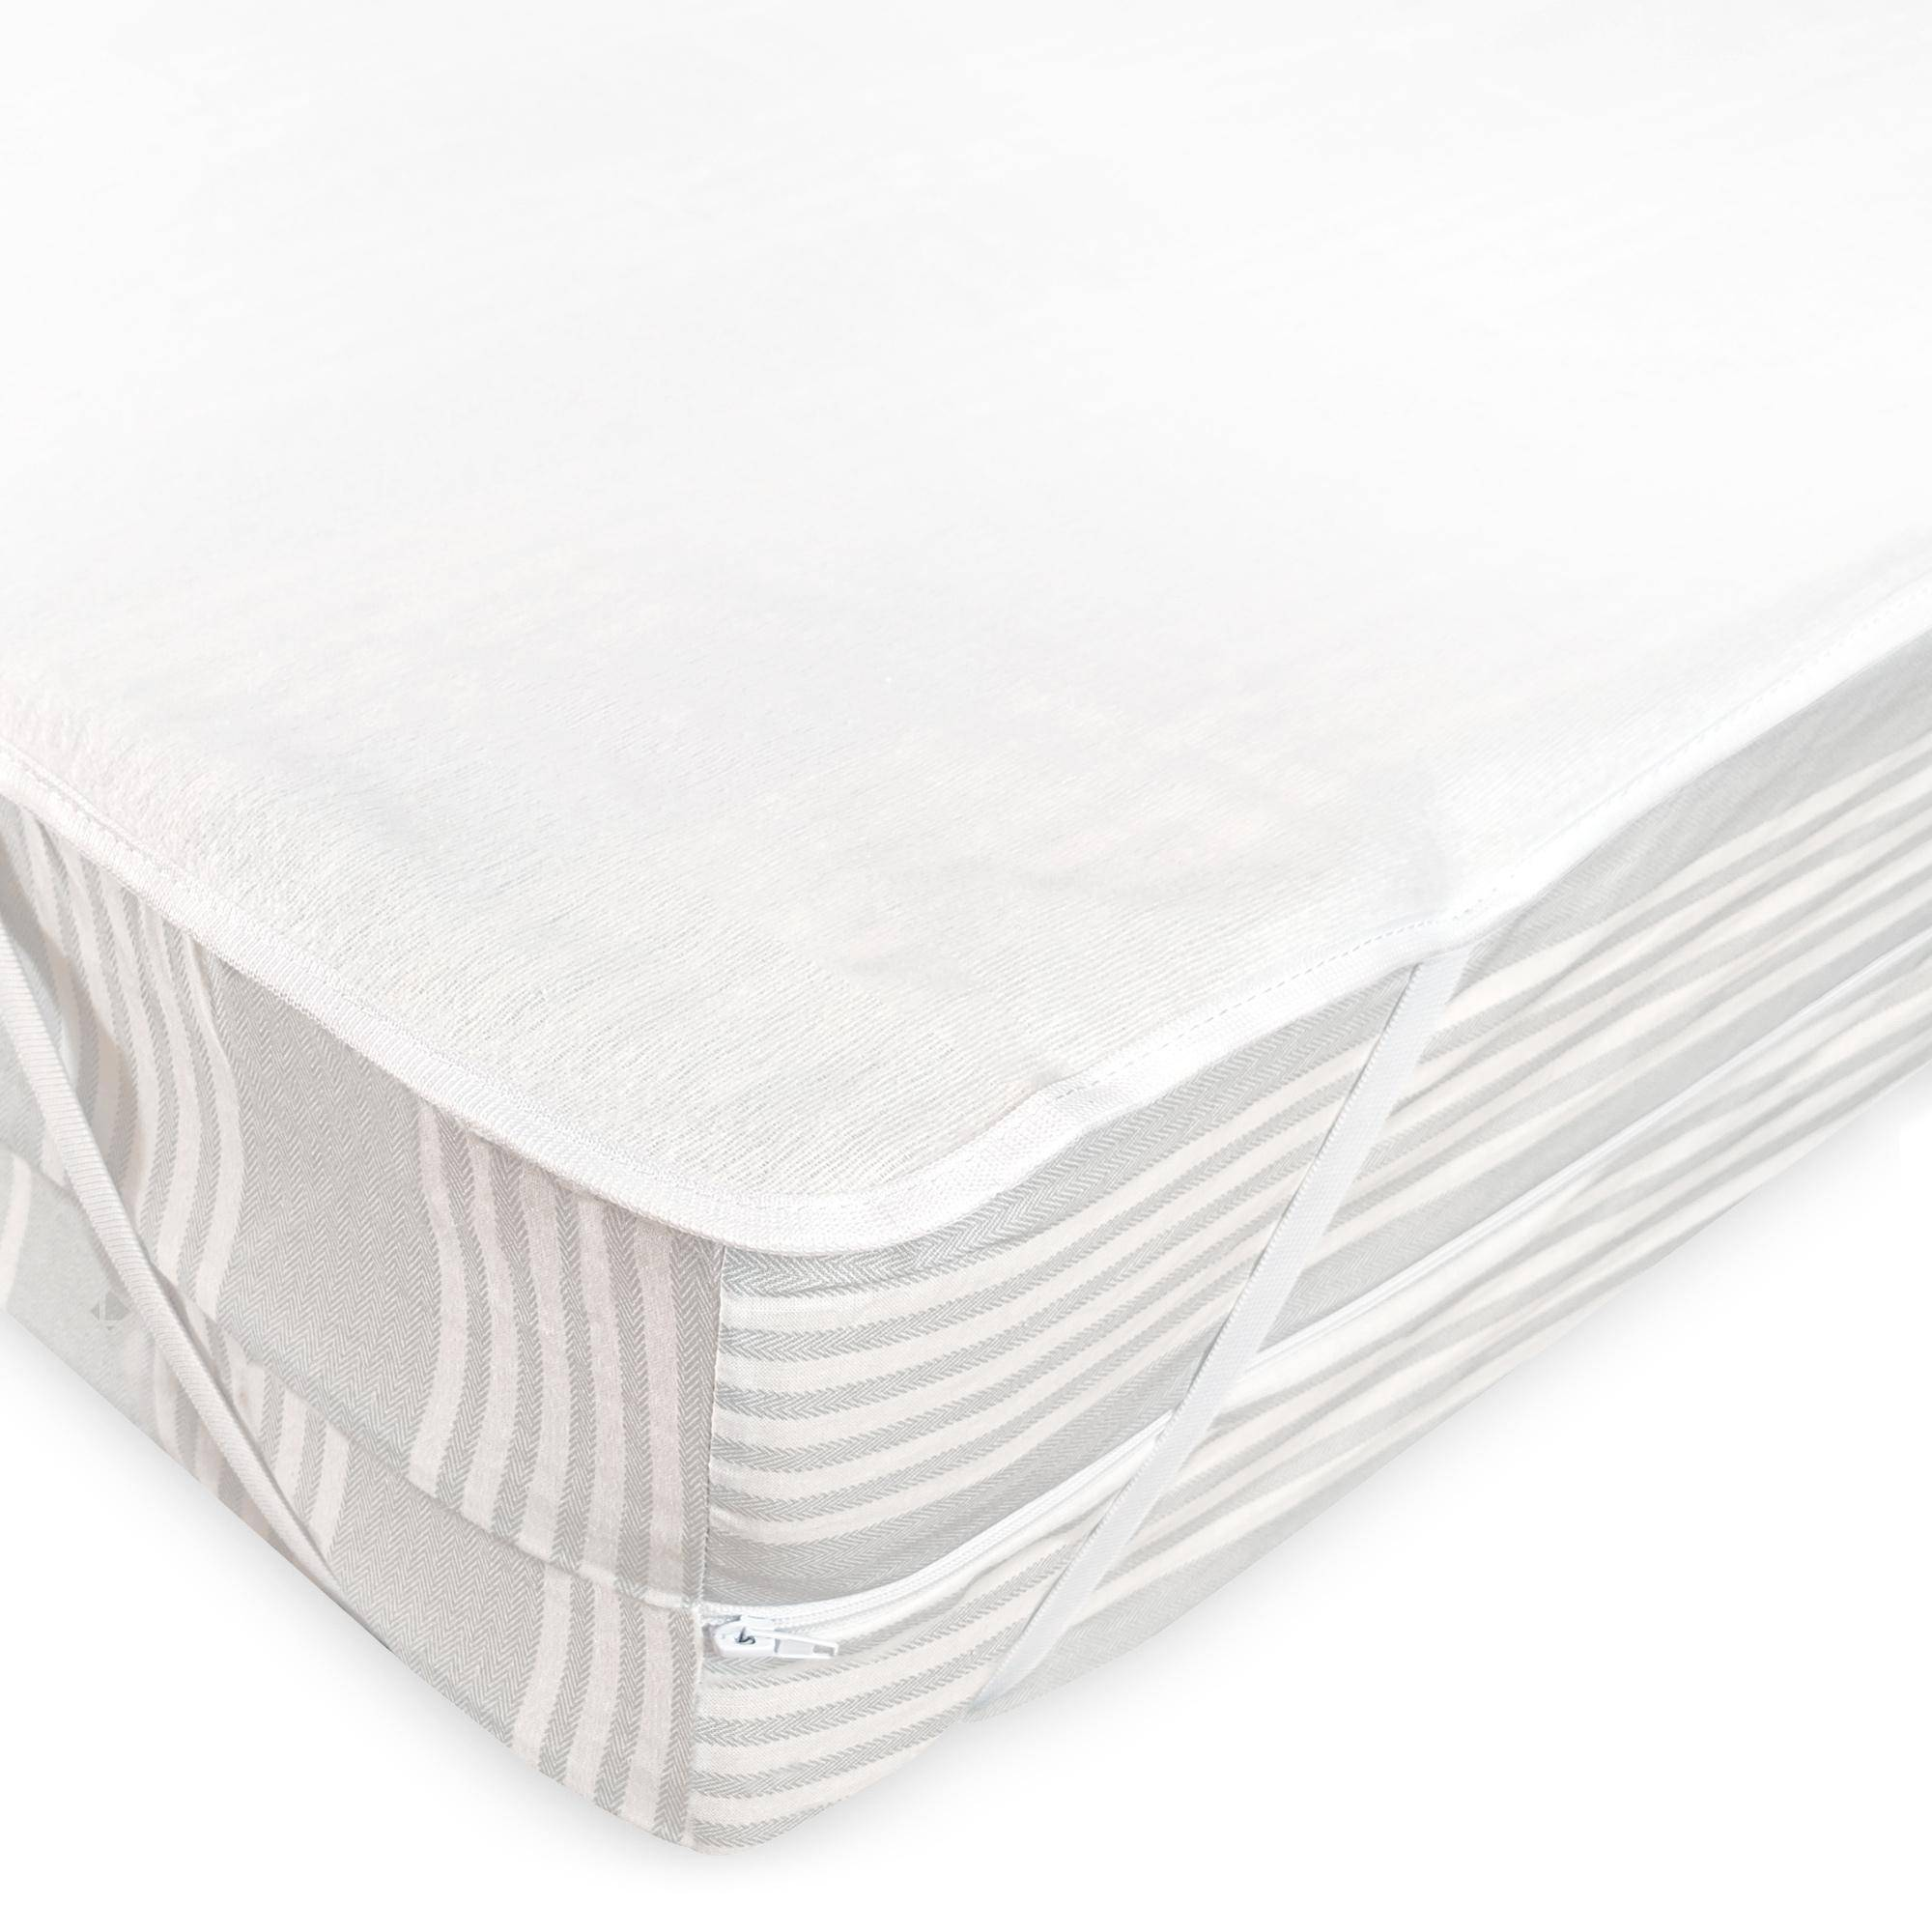 Linnea Alèse plate imperméable 60x140 cm ARNON molleton 100% coton contrecollé polyuréthane